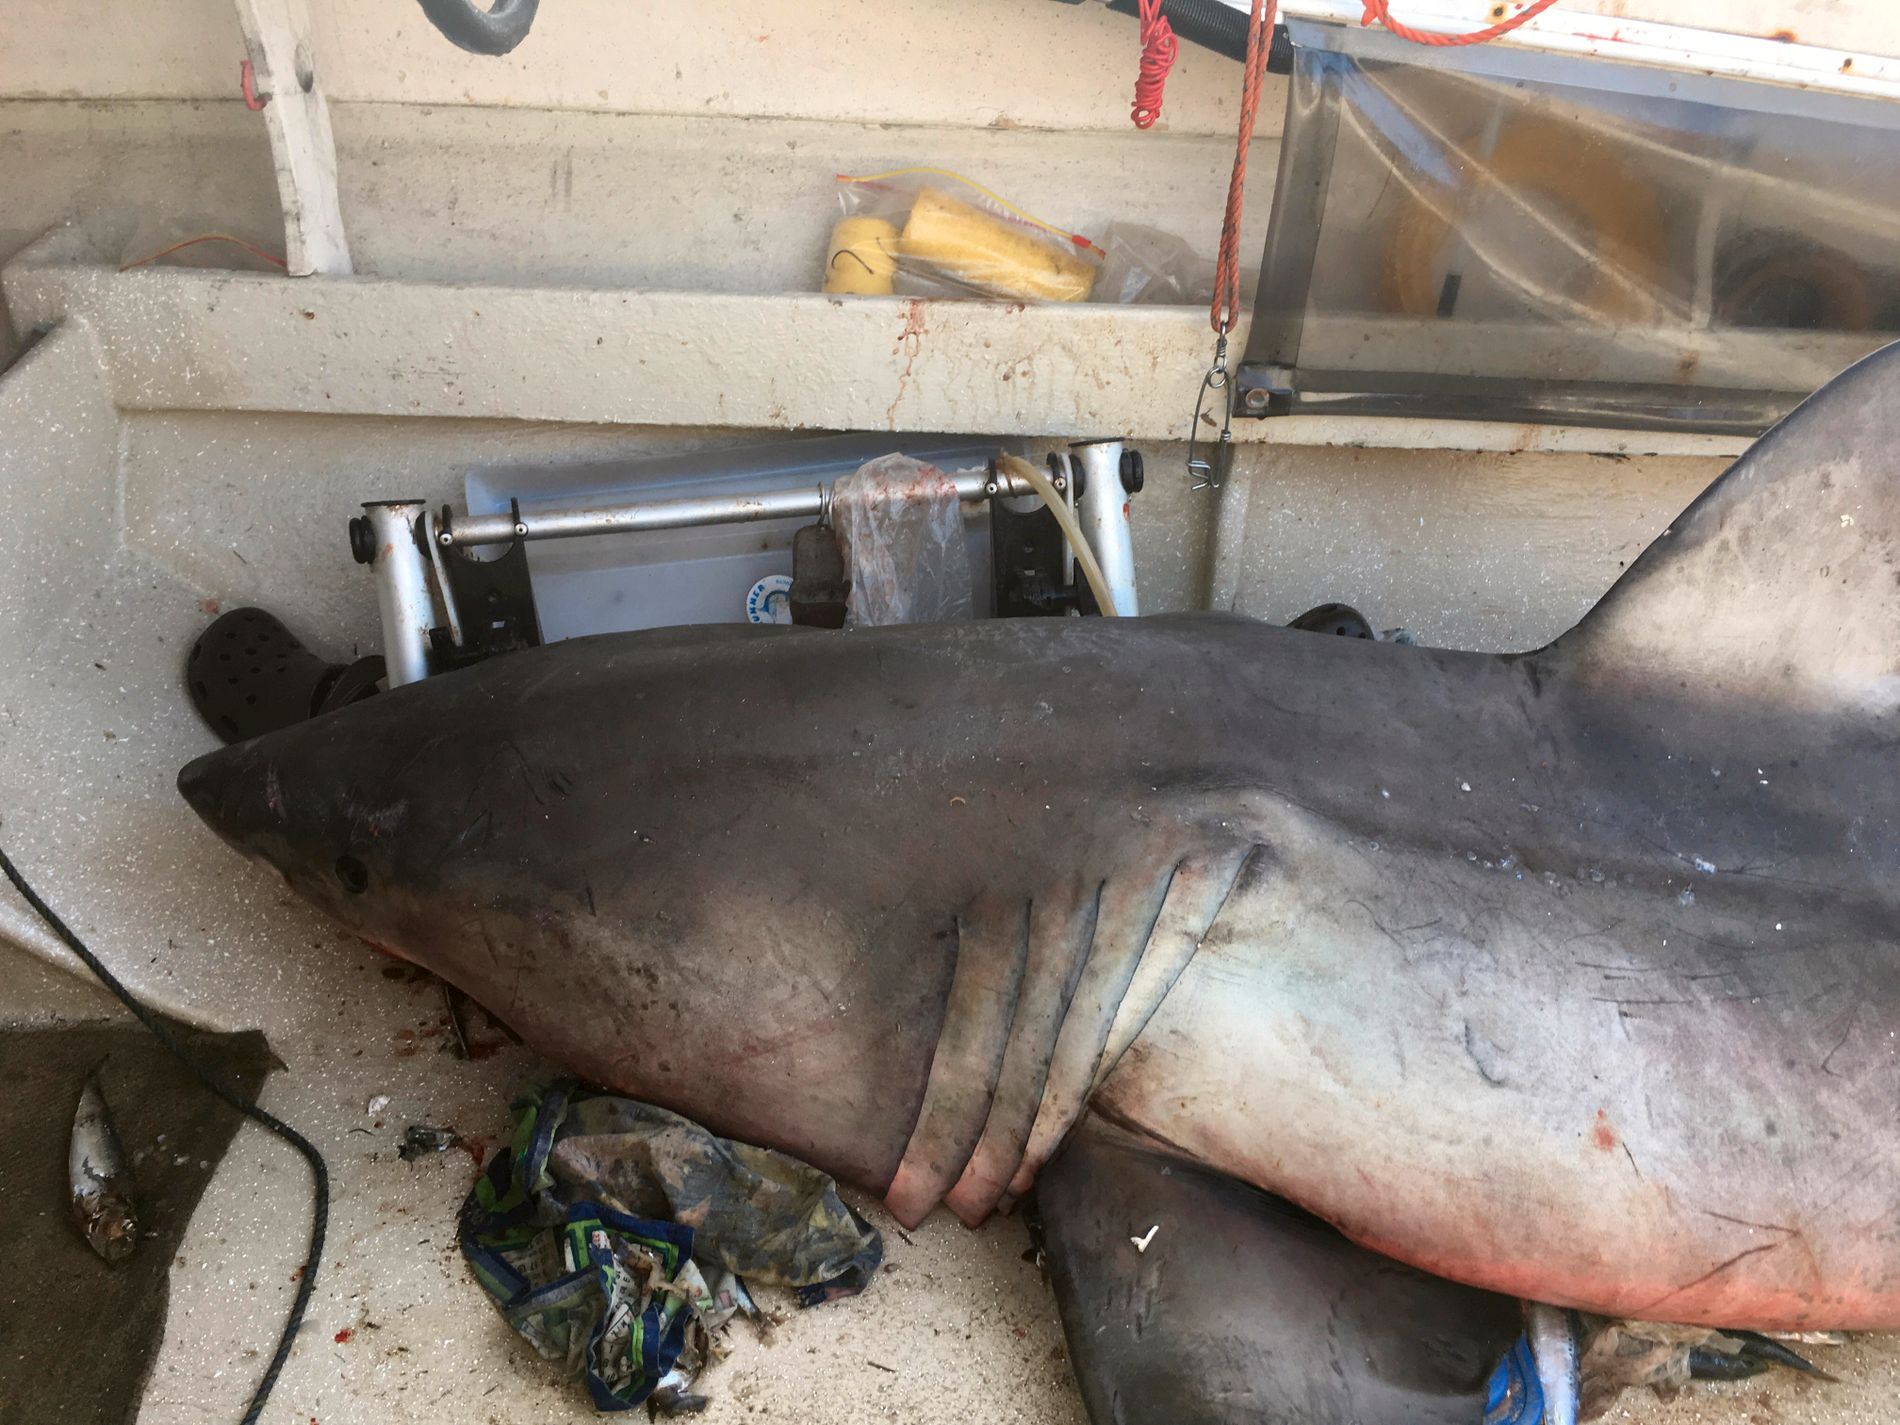 HOPPENDE HVITHAI! Her ligger den nesten tre meter lange hvithaien død. Den hoppet ombord og skadet 73-åringen, som måtte søke dekning på soltaket for ikke å bli haimat.